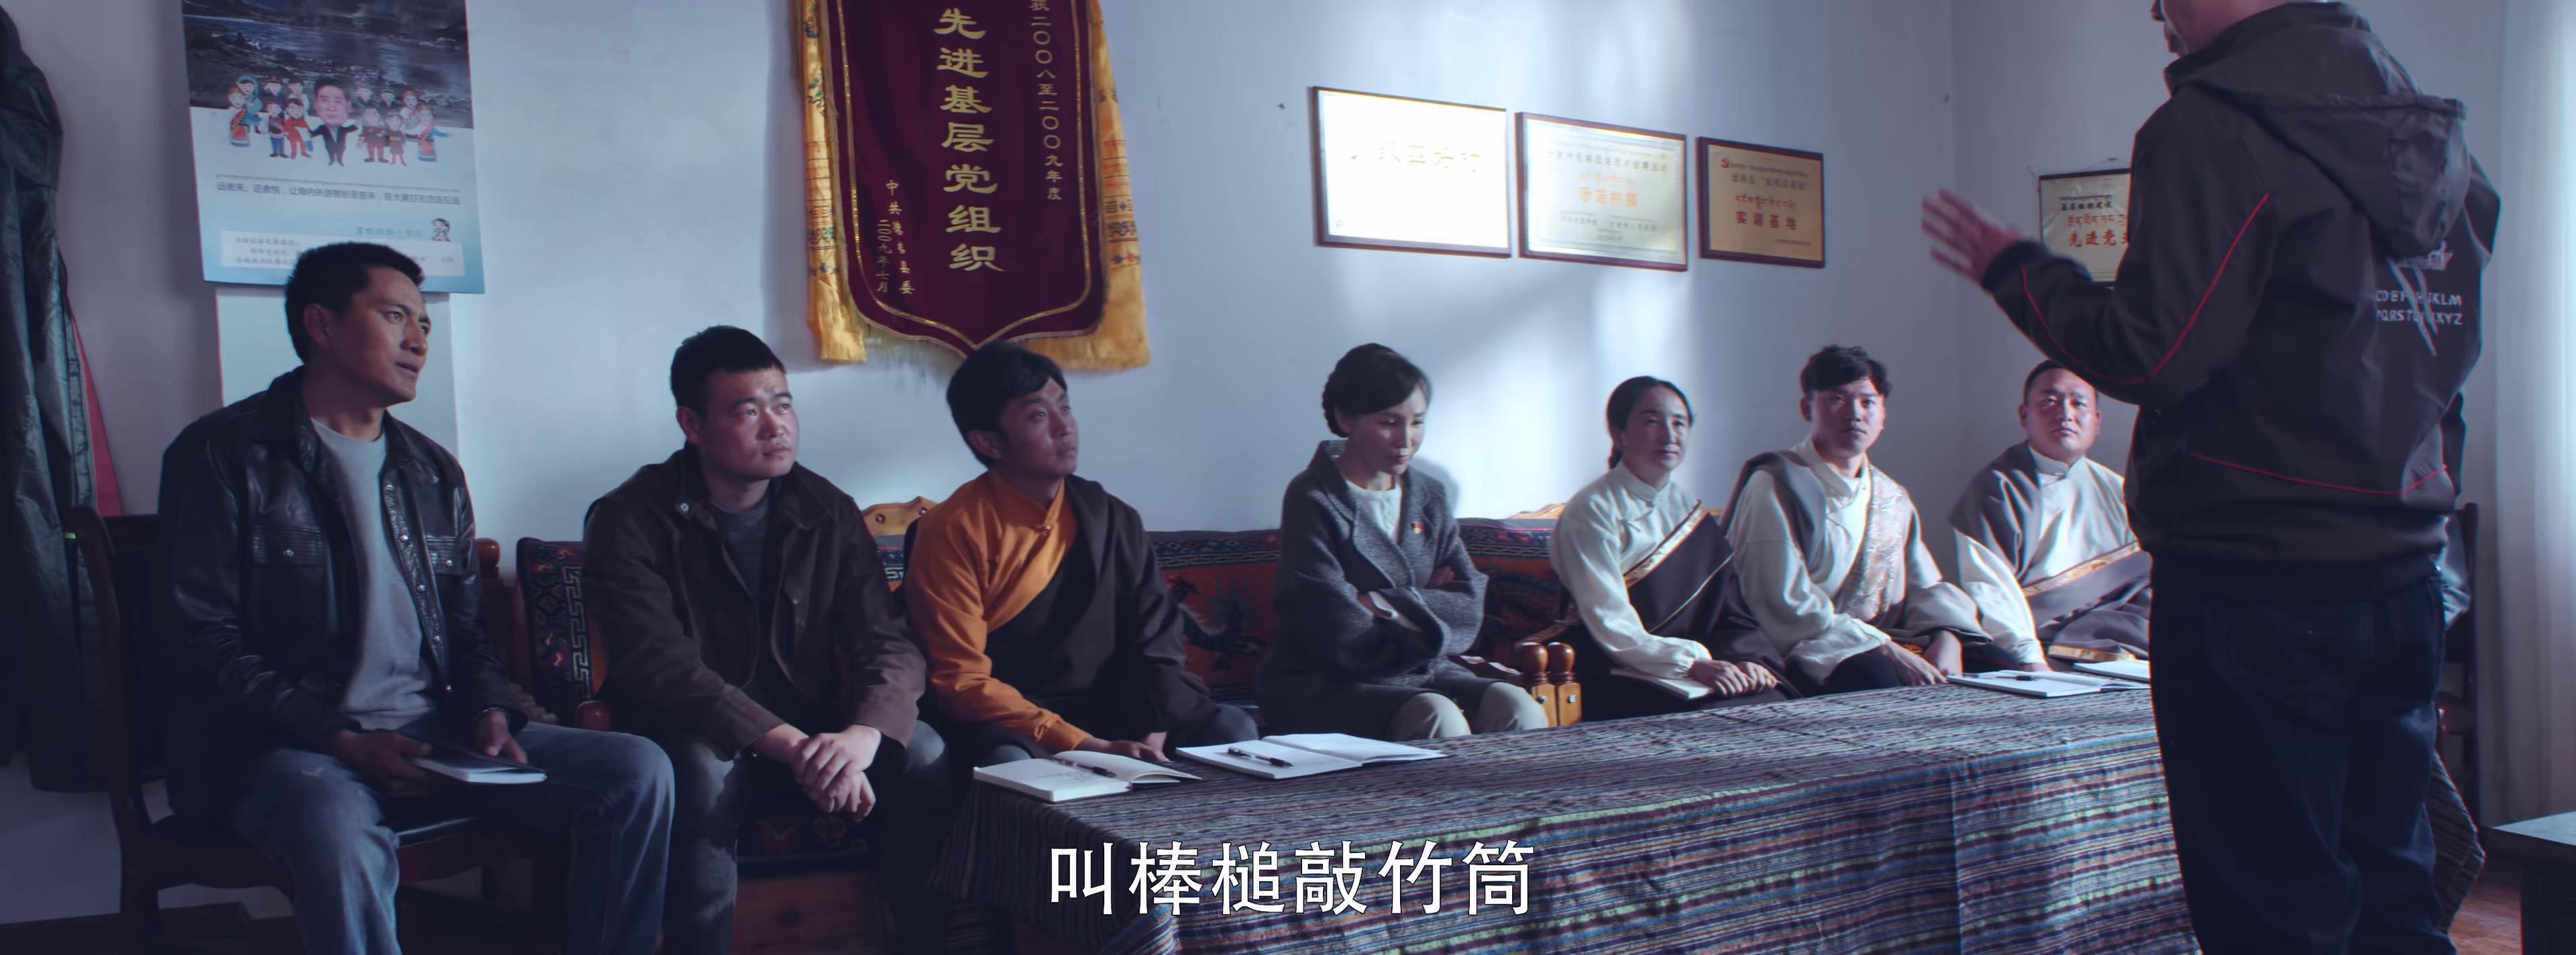 悠悠MP4_MP4电影下载_[我来自北京之玛尼堆的秋天][WEB-MKV/2.41GB][国语配音/中文字幕][4K-2160P][H265编码][扶贫,主旋律,西藏,爱国主义